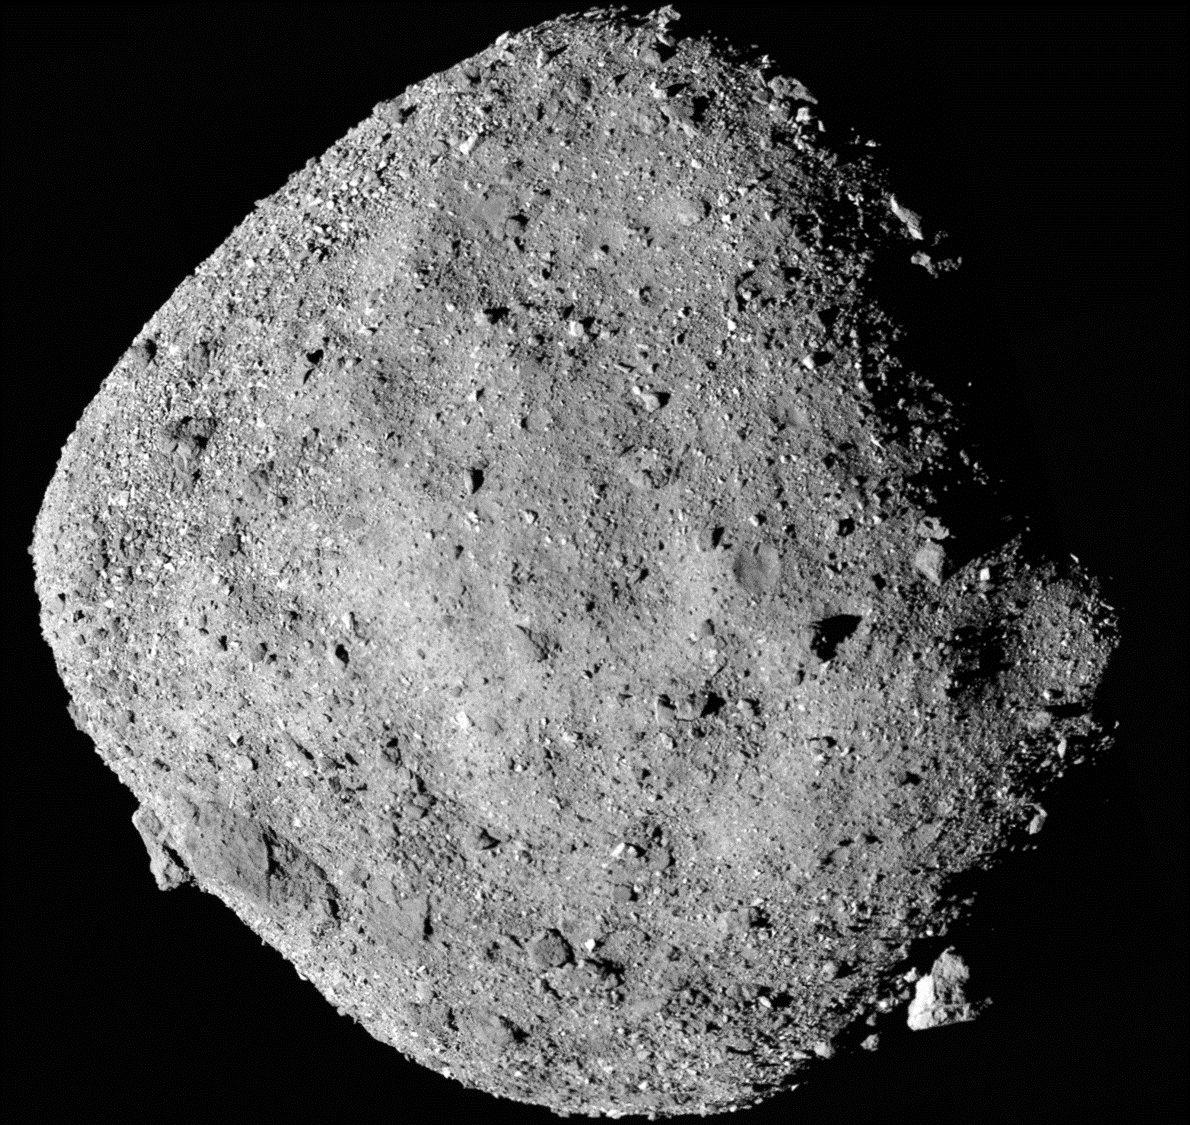 An image of Bennu taken by NASA's OSIRIS-REx spacecraft.